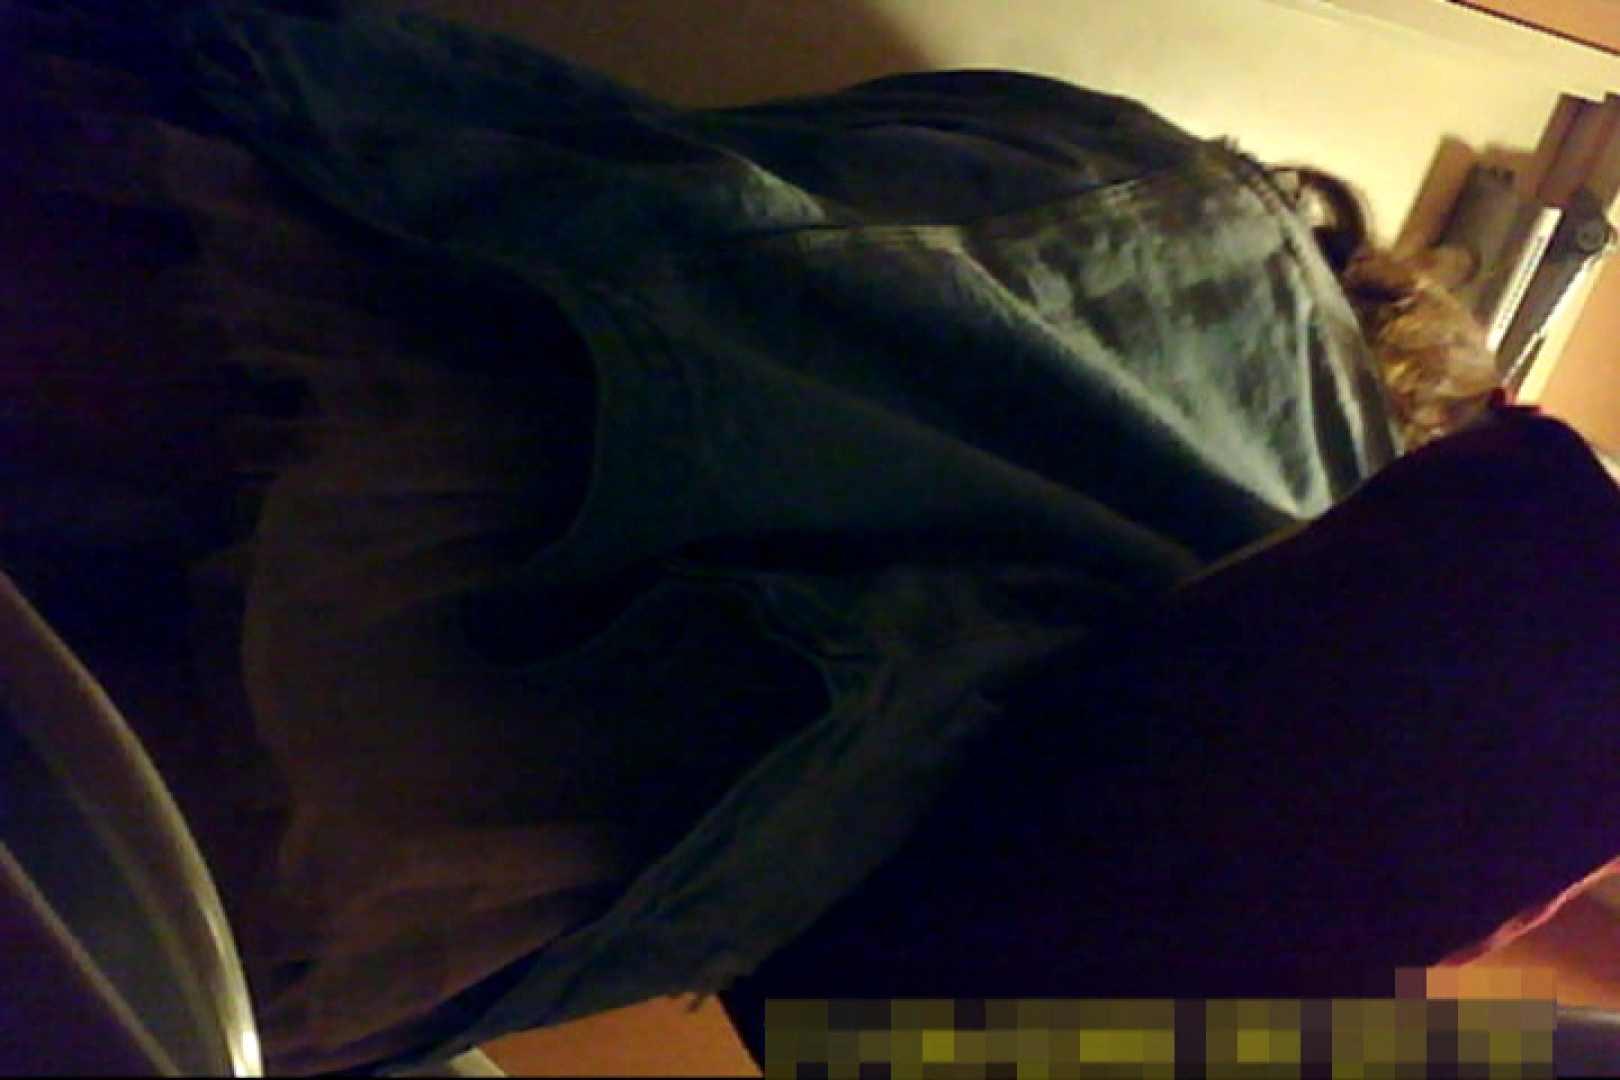 魅惑の化粧室~禁断のプライベート空間~25 盗撮 われめAV動画紹介 89pic 26